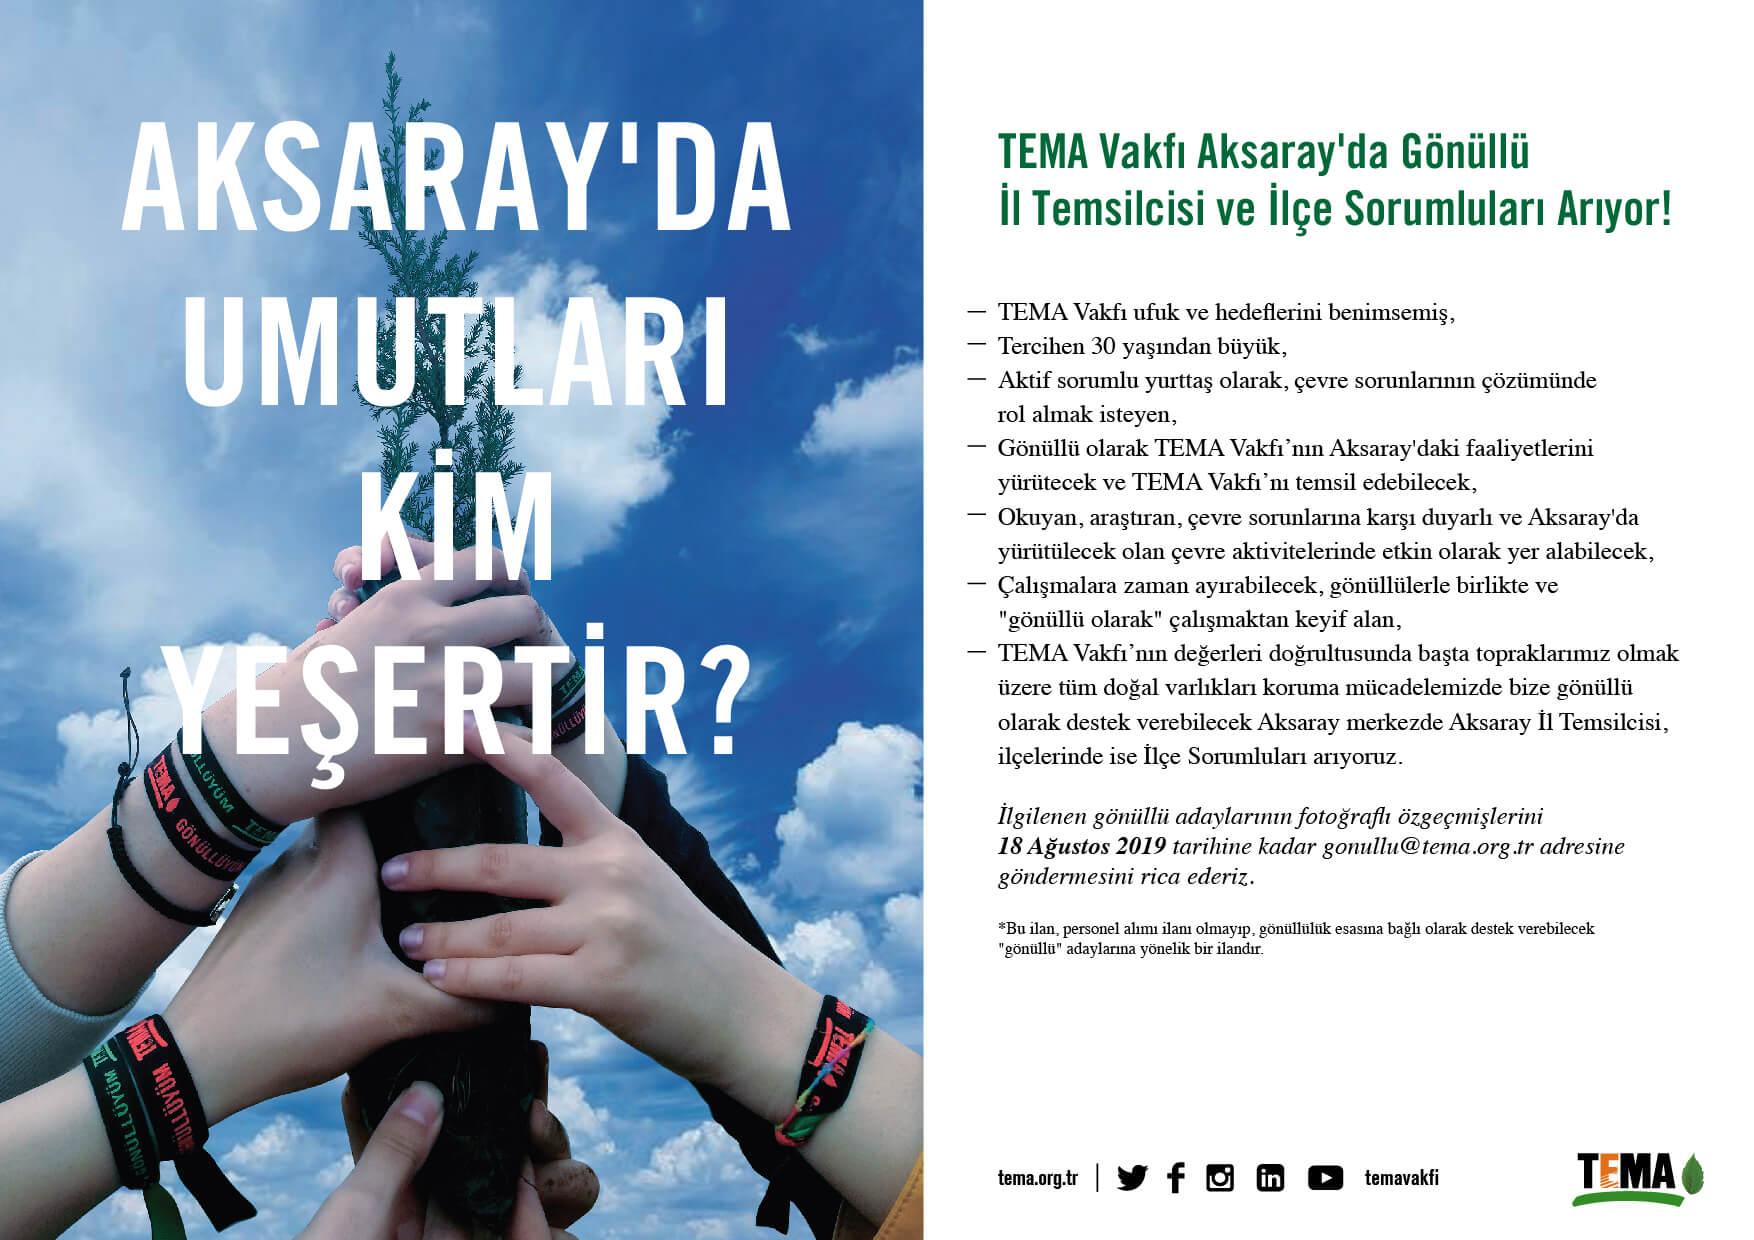 TEMA Vakfı Bayburt'ta Gönüllü İl Temsilcisi ve İlçe Sorumluları Arıyor! TEMA Vakfı ufuk ve hedeflerini benimsemiş, Tercihen 30 yaşından büyük, Aktif sorumlu yurttaş olarak, çevre sorunlarının çözümünde rol almak isteyen, Gönüllü olarak TEMA Vakfı'nın Bayburt'taki faaliyetlerini yürütecek ve TEMA Vakfı'nı temsil edebilecek, Okuyan, araştıran, çevre sorunlarına karşı duyarlı ve Bayburt'ta yürütülecek olan çevre aktivitelerinde etkin olarak yer alabilecek, Çalışmalara zaman ayırabilecek, gönüllülerle birlikte ve 'gönüllü olarak' çalışmaktan keyif alan, TEMA Vakfı'nın değerleri doğrultusunda başta topraklarımız olmak üzere tüm doğal varlıkları koruma mücadelemizde bize gönüllü olarak destek verebilecek Bayburt merkezde Bayburt İl Temsilcisi, İlçelerinde ise İlçe Sorumluları arıyoruz. İlgilenen gönüllü adaylarının fotoğraflı özgeçmişlerini 18 Ağustos 2019 tarihine kadar gonullu@tema.org.tr adresine göndermesini rica ederiz. *Bu ilan, personel alımı ilanı olmayıp, gönüllülük esasına bağlı olarak destek verebilecek 'gönüllü' adaylarına yönelik bir ilandır.